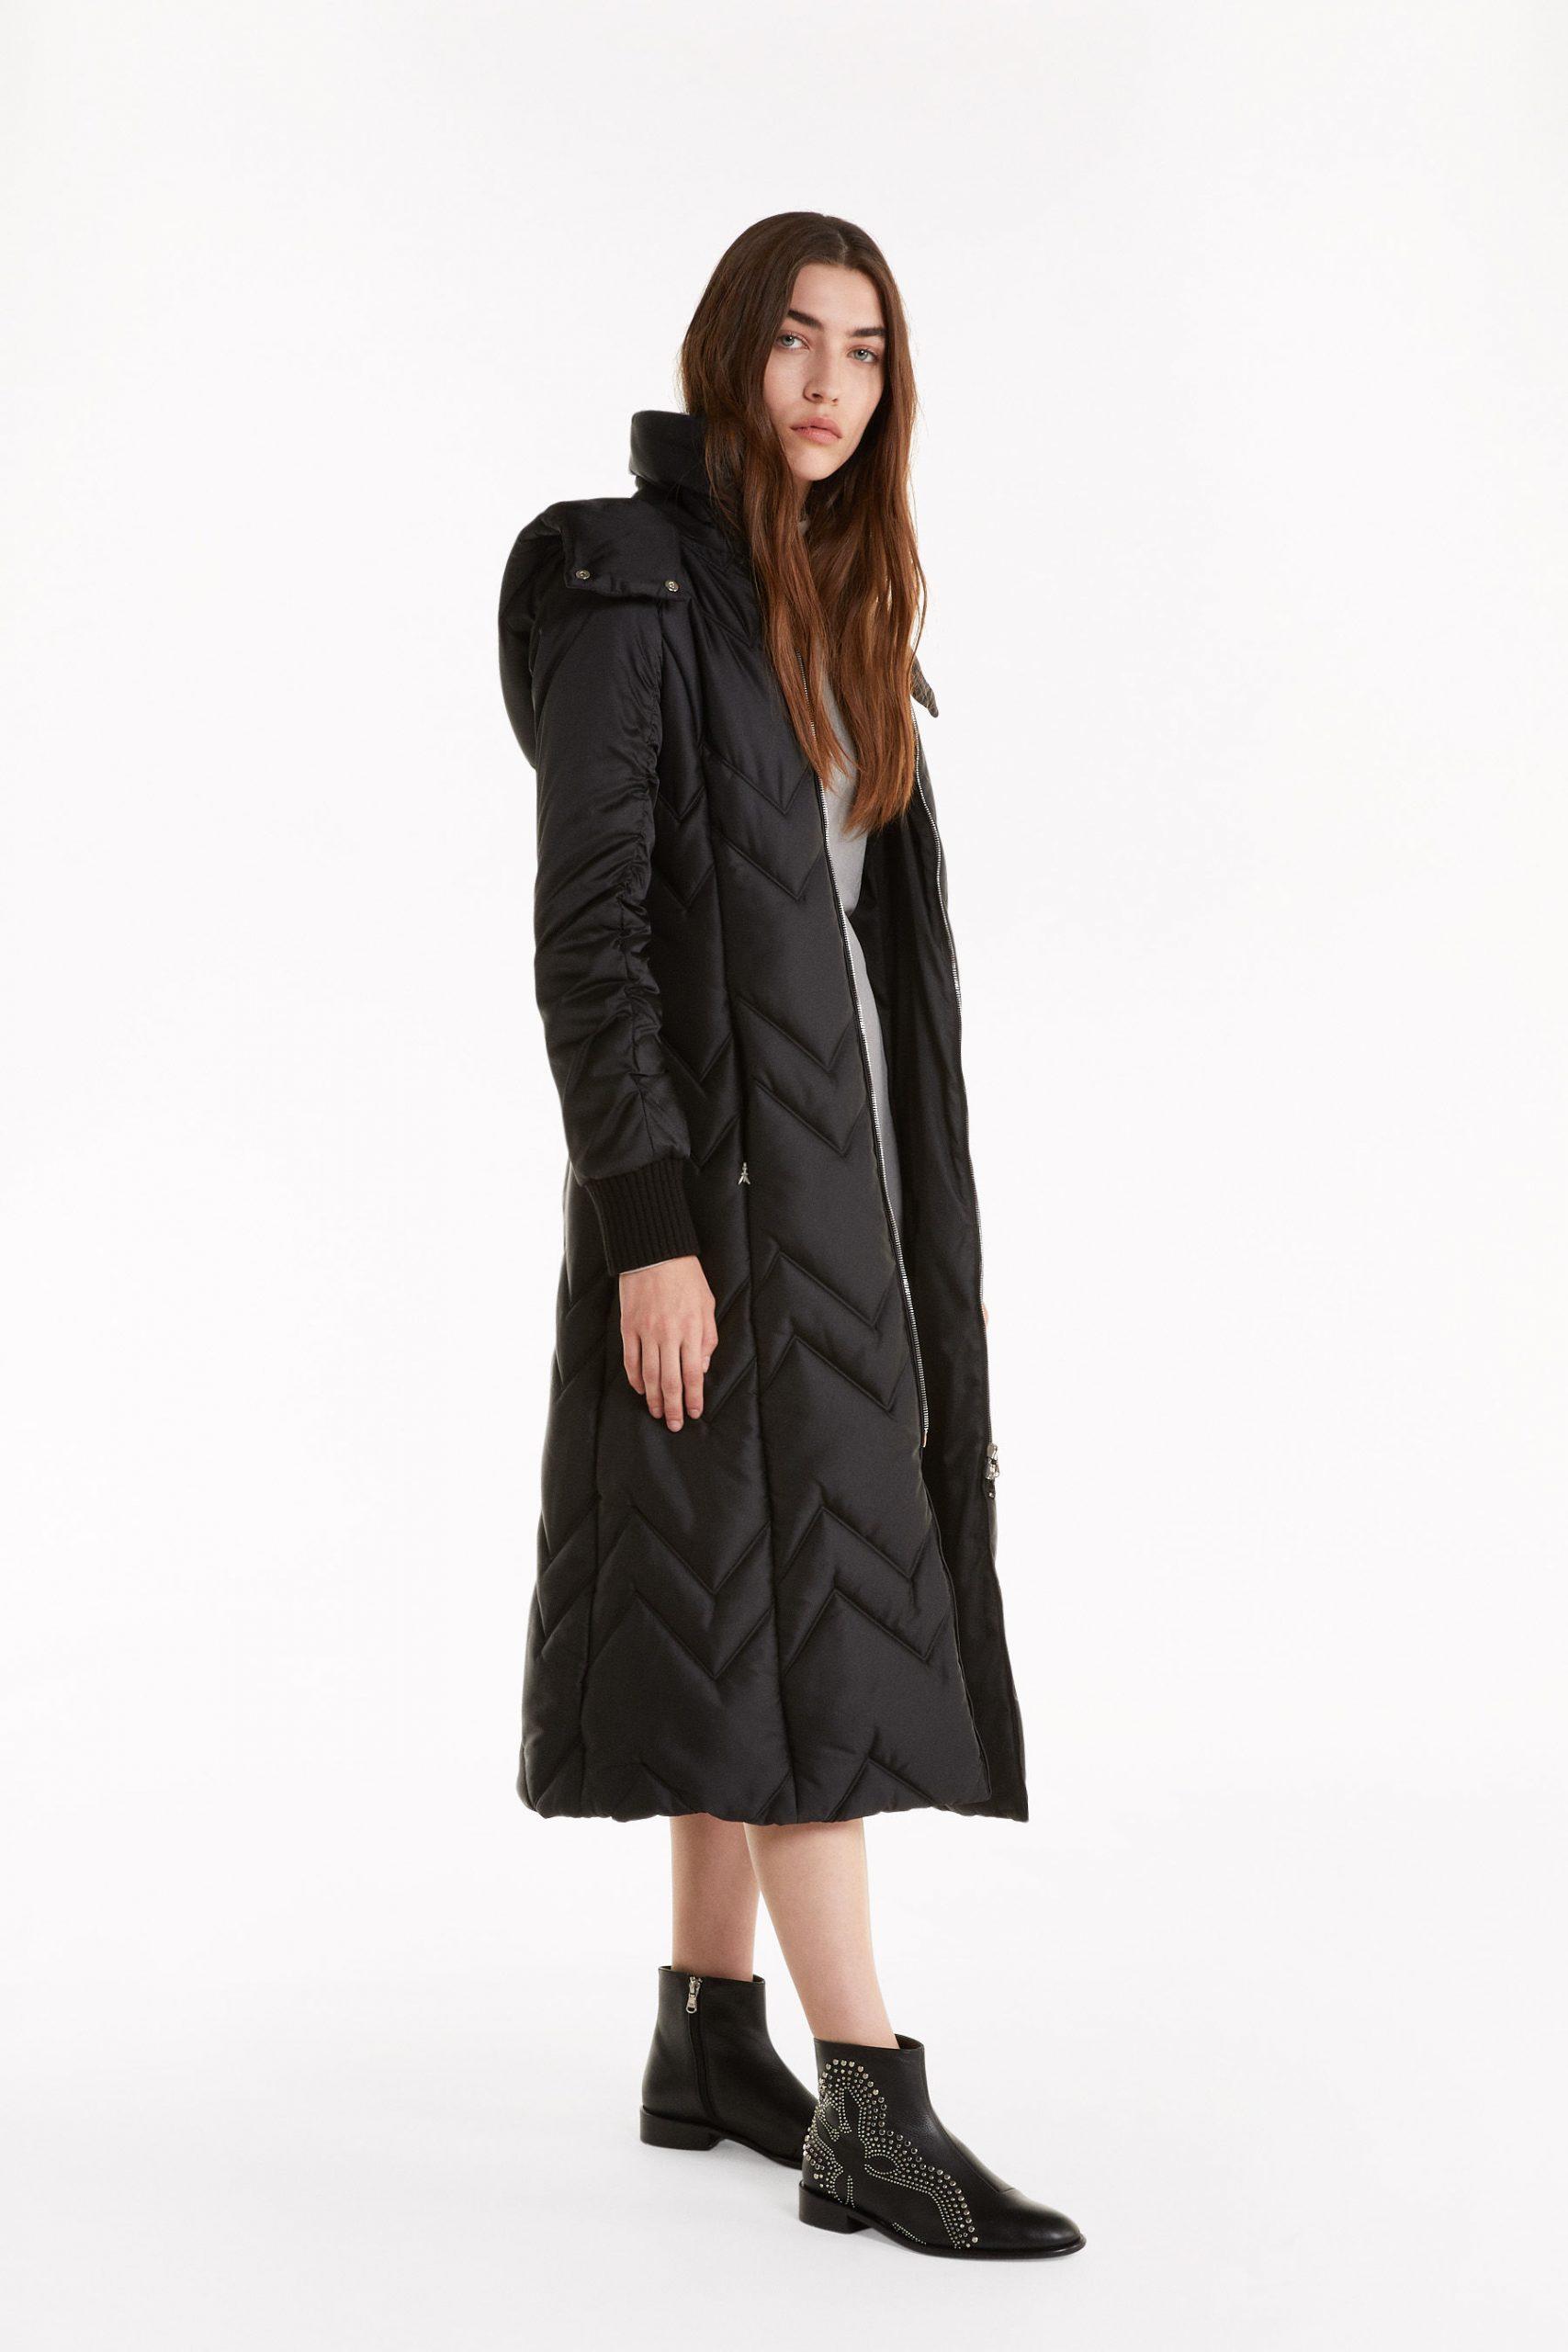 Abbigliamento Patrizia Pepe  Piumino lungo trapuntato con cappuccio Black female collezione 2020 shop the look